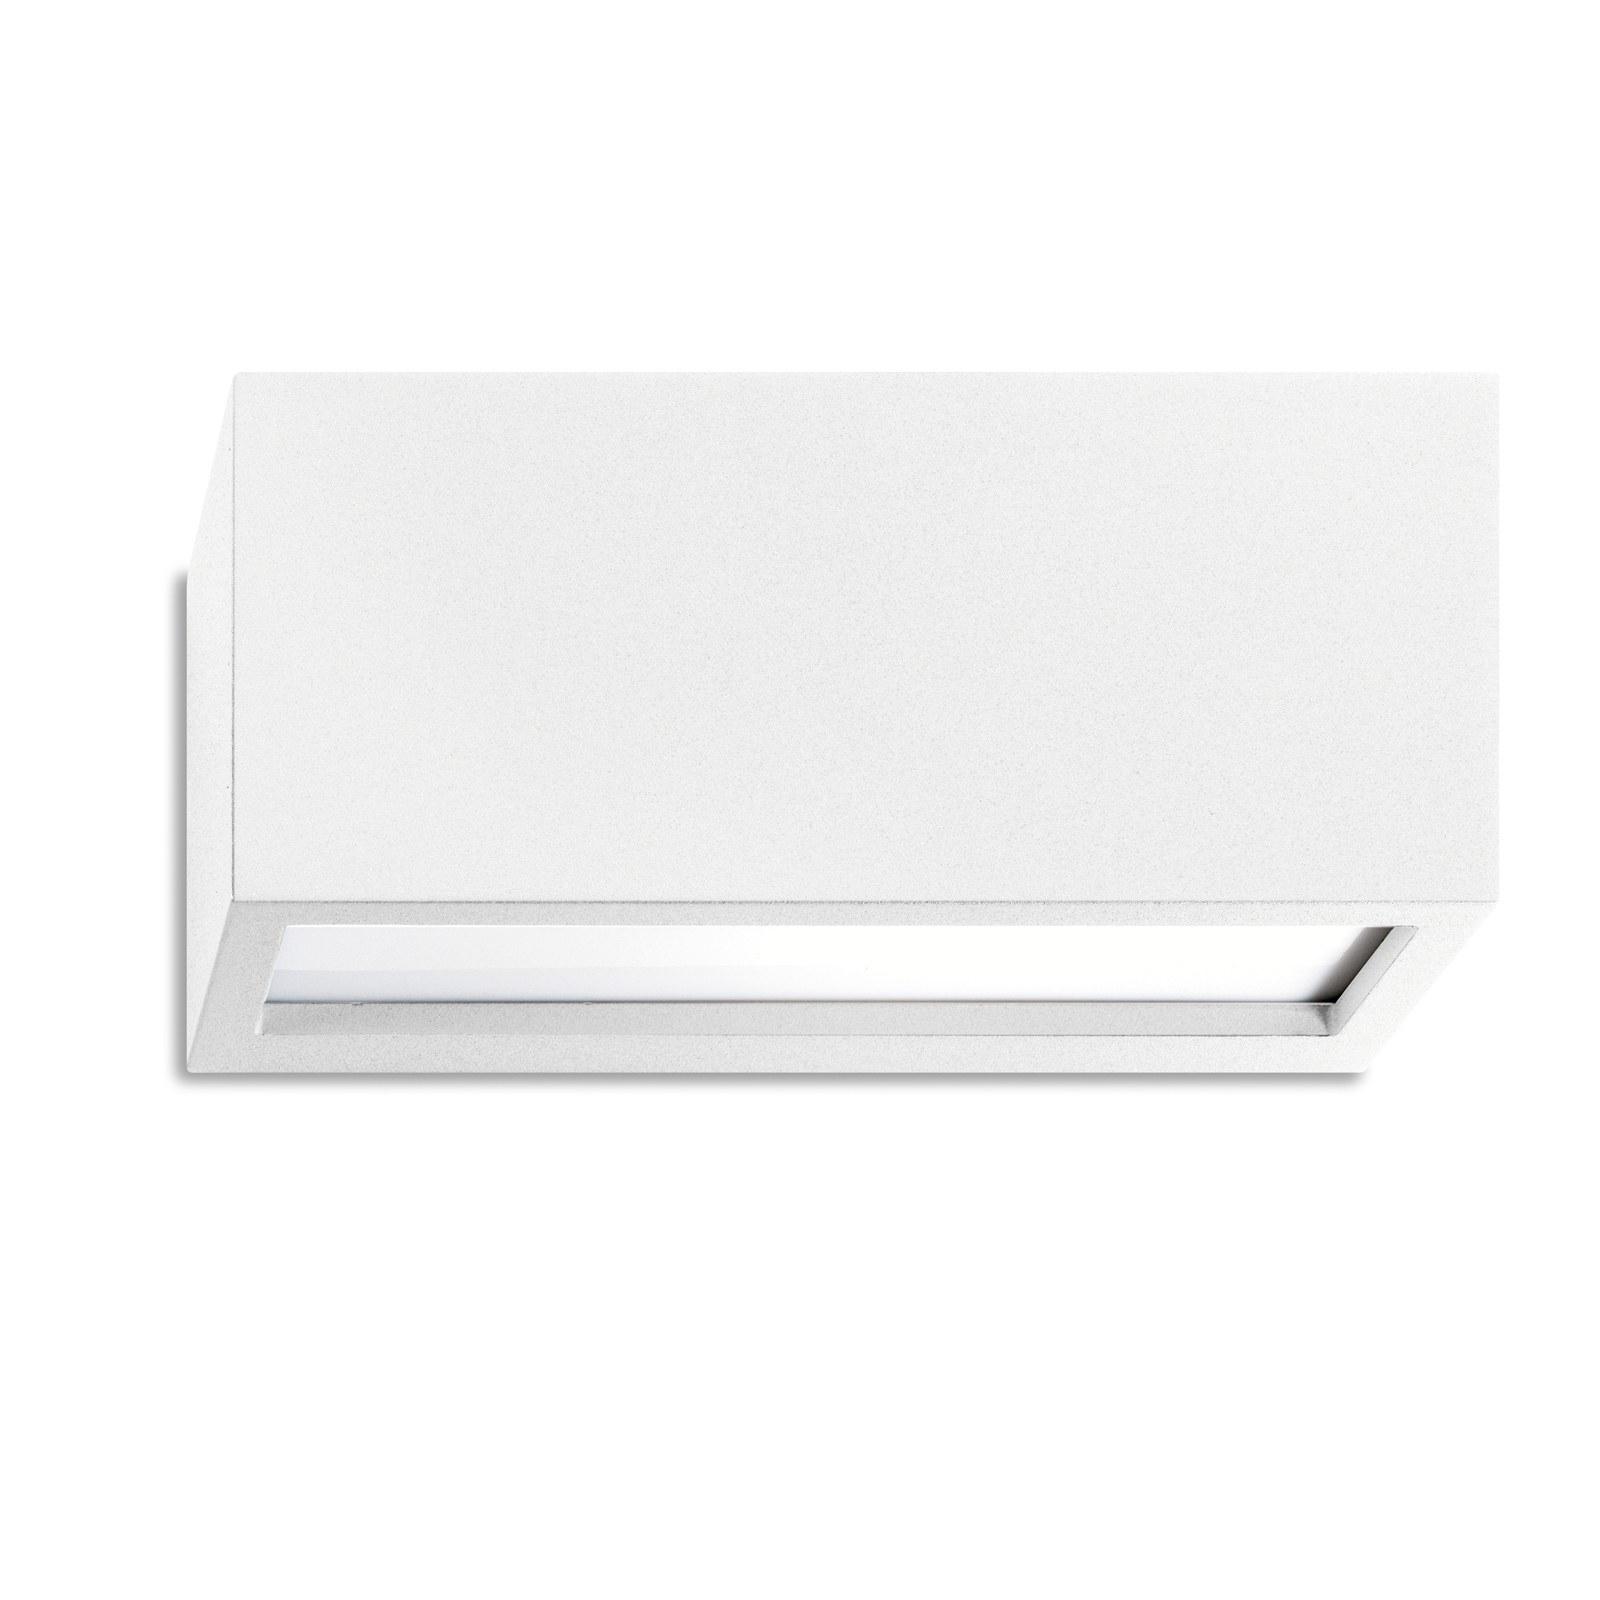 Lampade Per Esterno A Parete.Dettagli Su Lampada Applique Esterno Parete Giardino Illuminazione Pan Connection Est01003